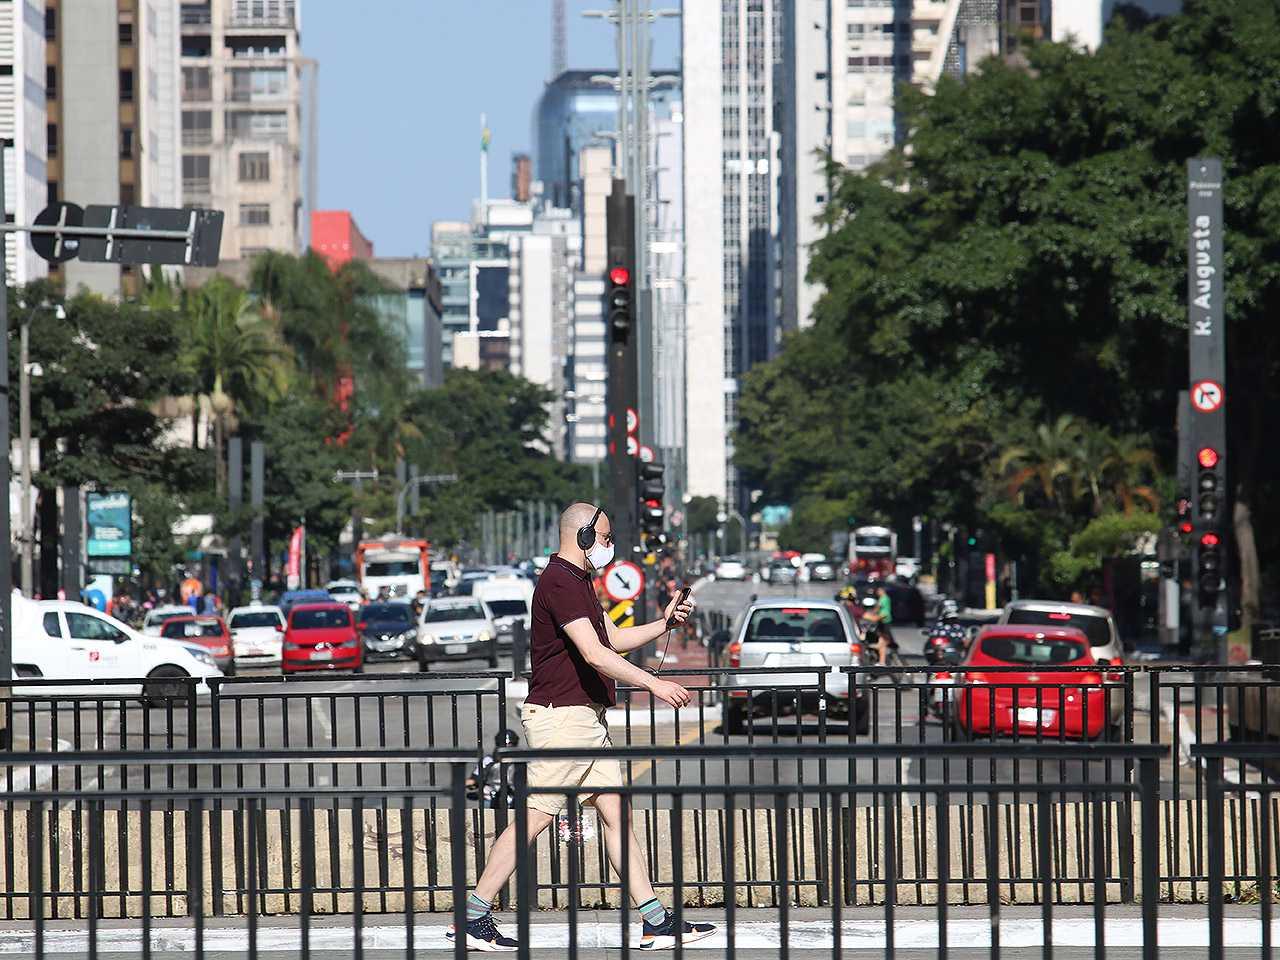 Uso de máscaras em ambientes públicos já é obrigatório no estado de São Paulo desde maio